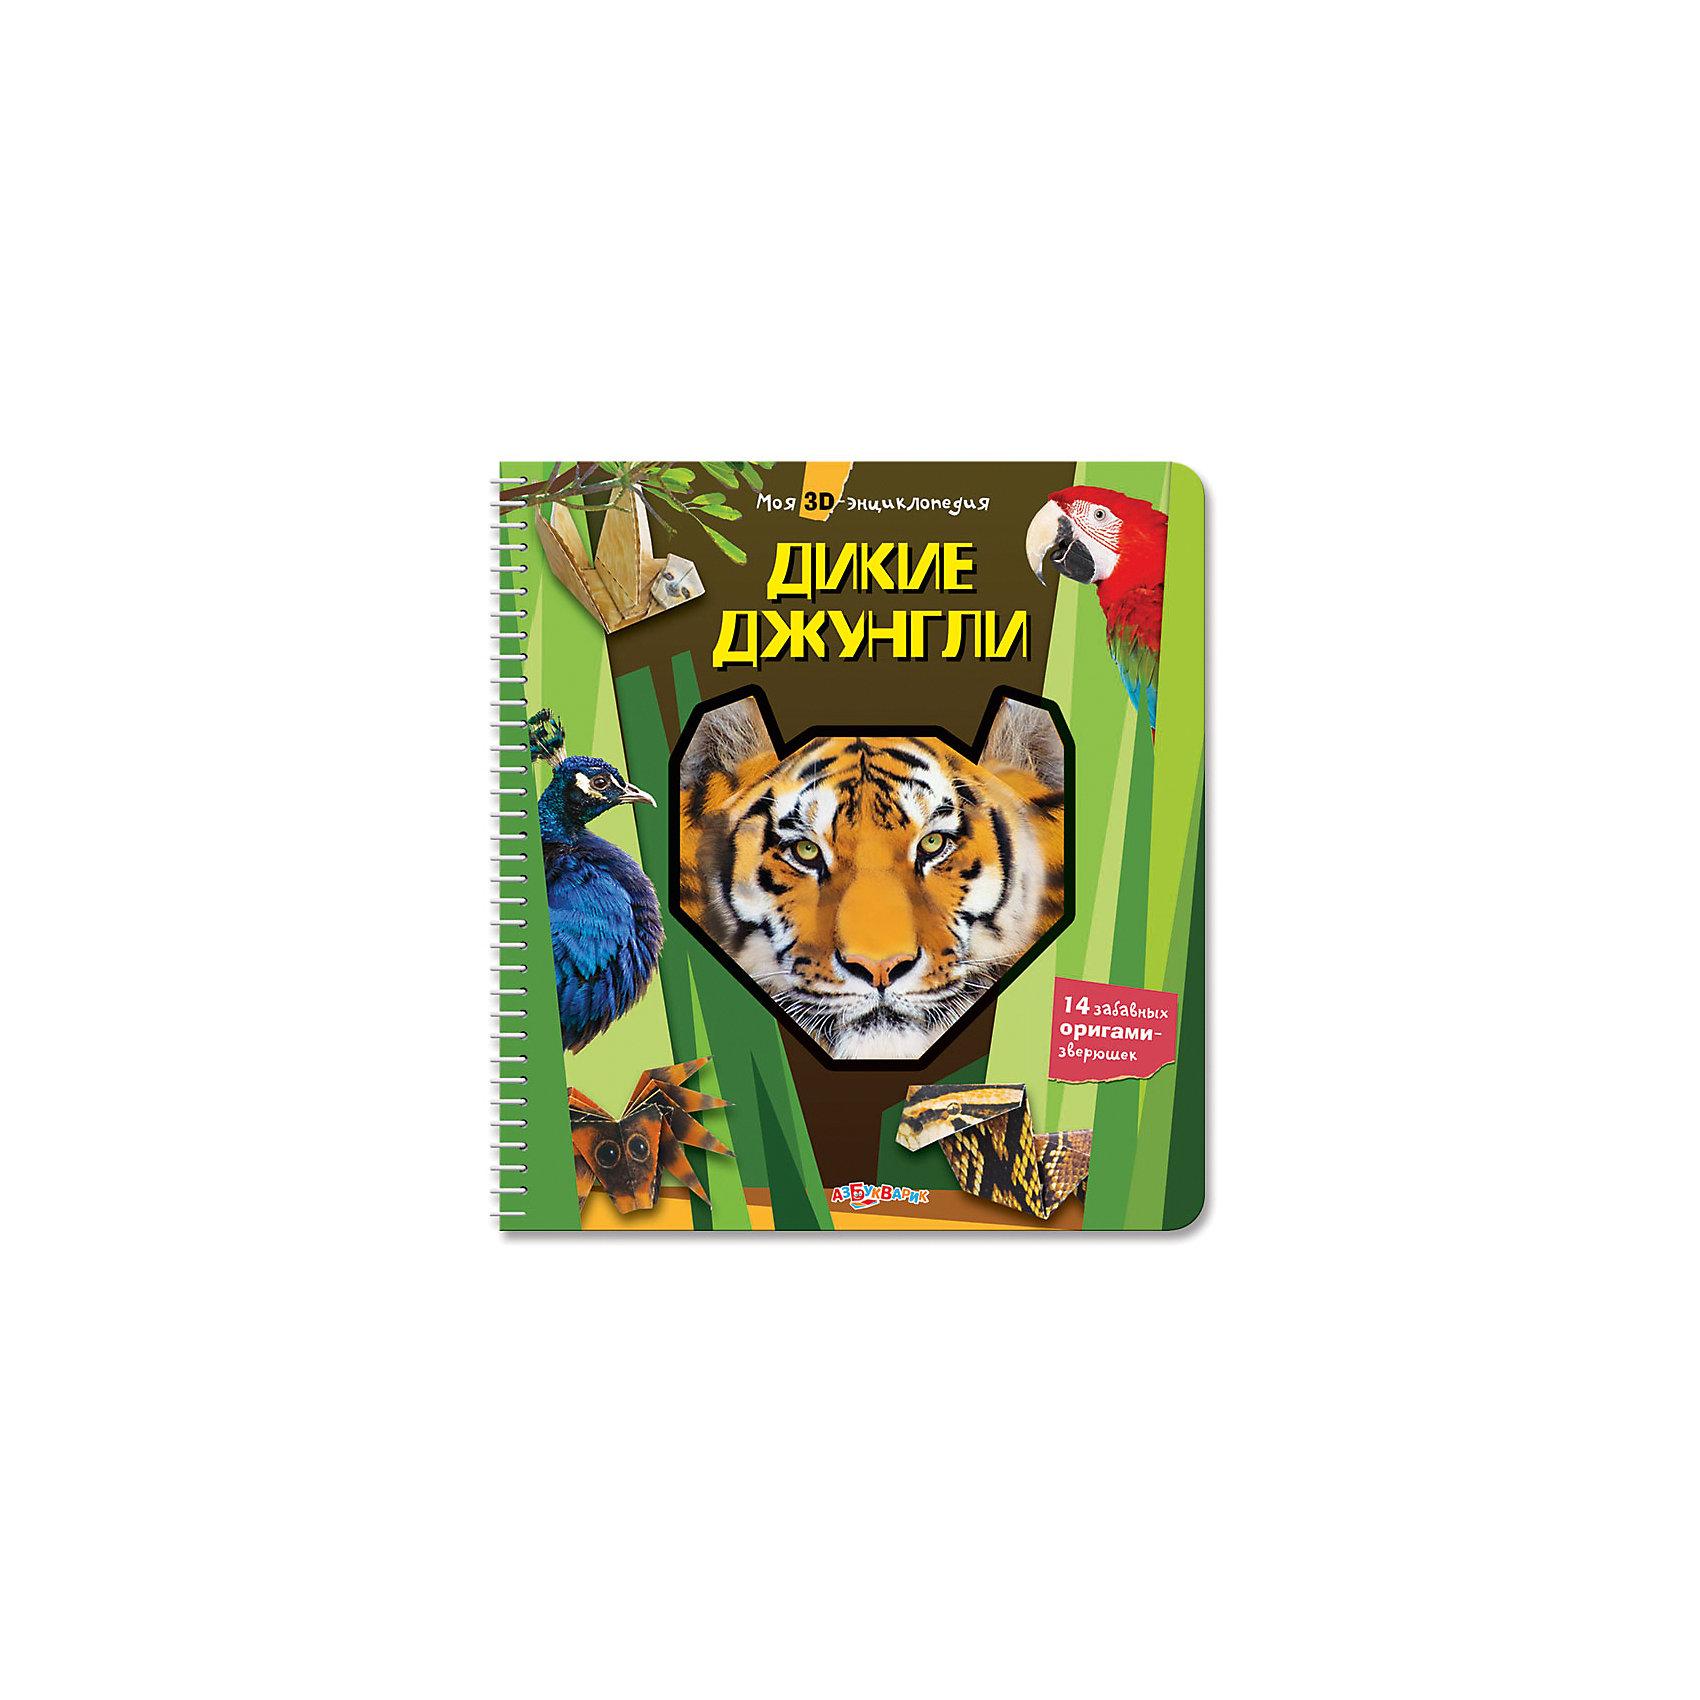 Моя 3Д-энциклопедия Дикие джунглиМузыкальные книги<br>Книга Моя 3Д-энциклопедия. Дикие джунгли.<br><br>Характеристика:<br><br>• Формат: 22х24 см. <br>• Переплет: твердый на спирали. <br>• Количество страниц: 65.<br>• 14 цветных и 14 черно-белых выкроек. <br>• Иллюстрации: цветные. <br>• Яркий привлекательный дизайн.<br>• Развивает моторику рук и воображение. <br><br>В этой книге ребенок найдет множество интересных фактов о животных джунглей Выкройки-оригами позволяют самому создать различных животных и вклеить их в книгу, сделав энциклопедию объемной. Красочные иллюстрации и сочетание разных видов деятельности не дадут ребенку скучать, а работа в технике оригами позволит развить моторику рук и воображение. <br><br>Книгу Моя 3Д-энциклопедия. Дикие джунгли можно купить в нашем интернет-магазине.<br><br>Ширина мм: 210<br>Глубина мм: 150<br>Высота мм: 20<br>Вес г: 150<br>Возраст от месяцев: 24<br>Возраст до месяцев: 48<br>Пол: Унисекс<br>Возраст: Детский<br>SKU: 5484248